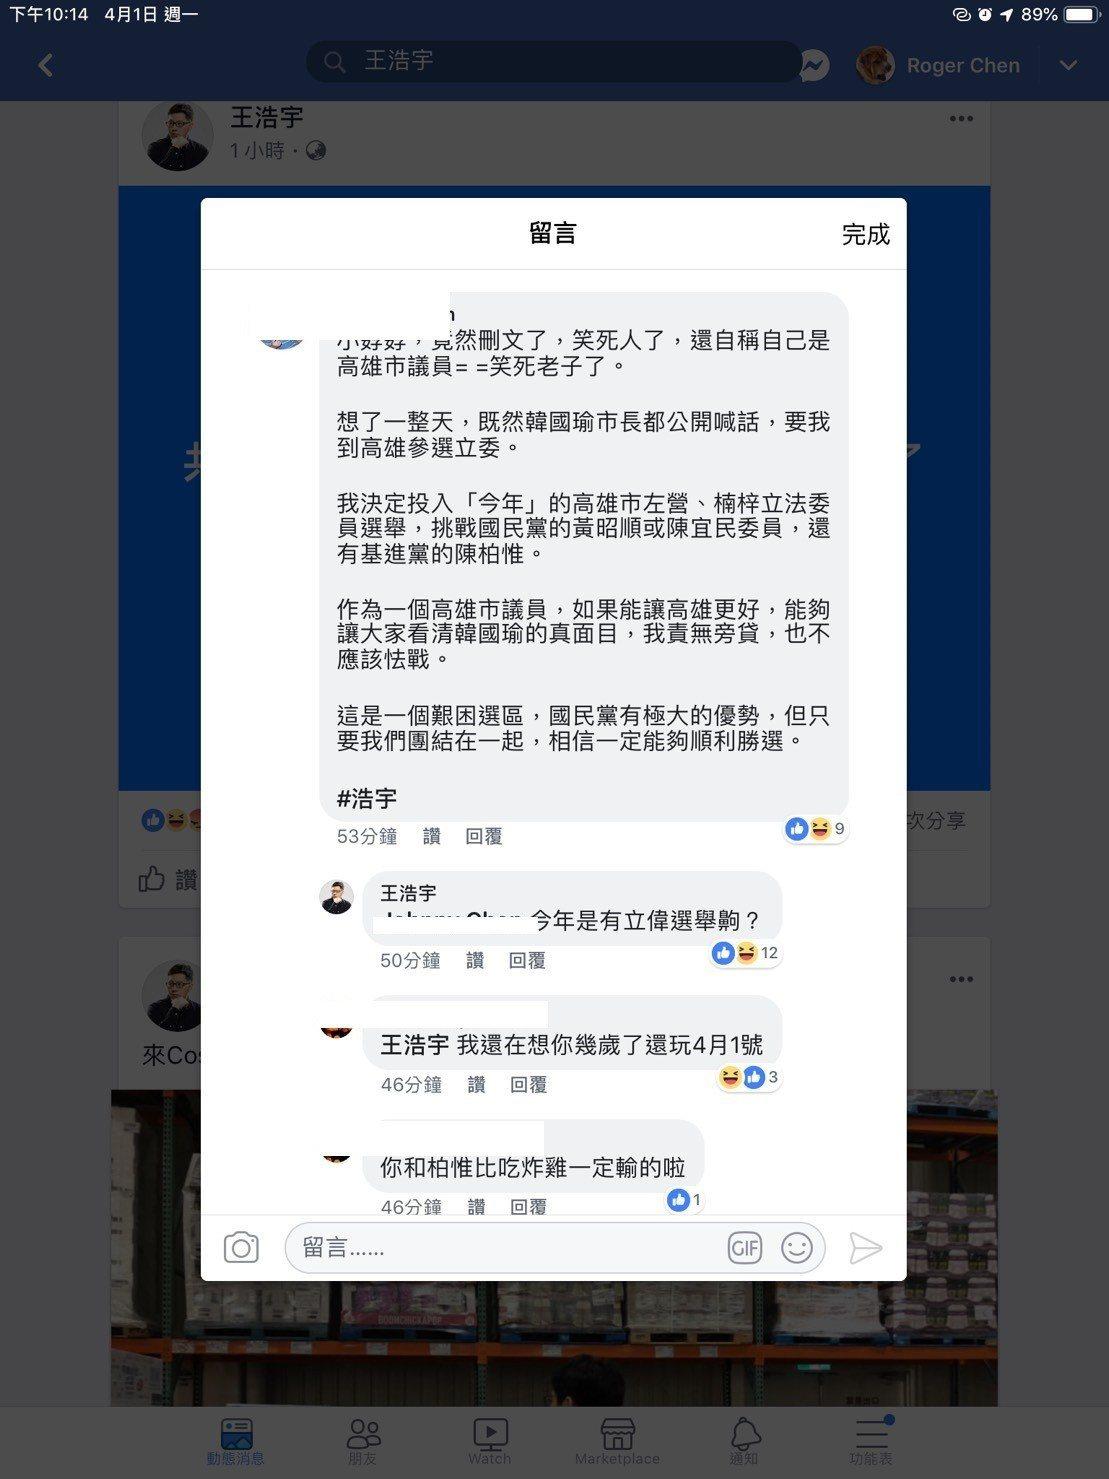 網友在王浩宇刪文前留言。圖/取自王浩宇臉書